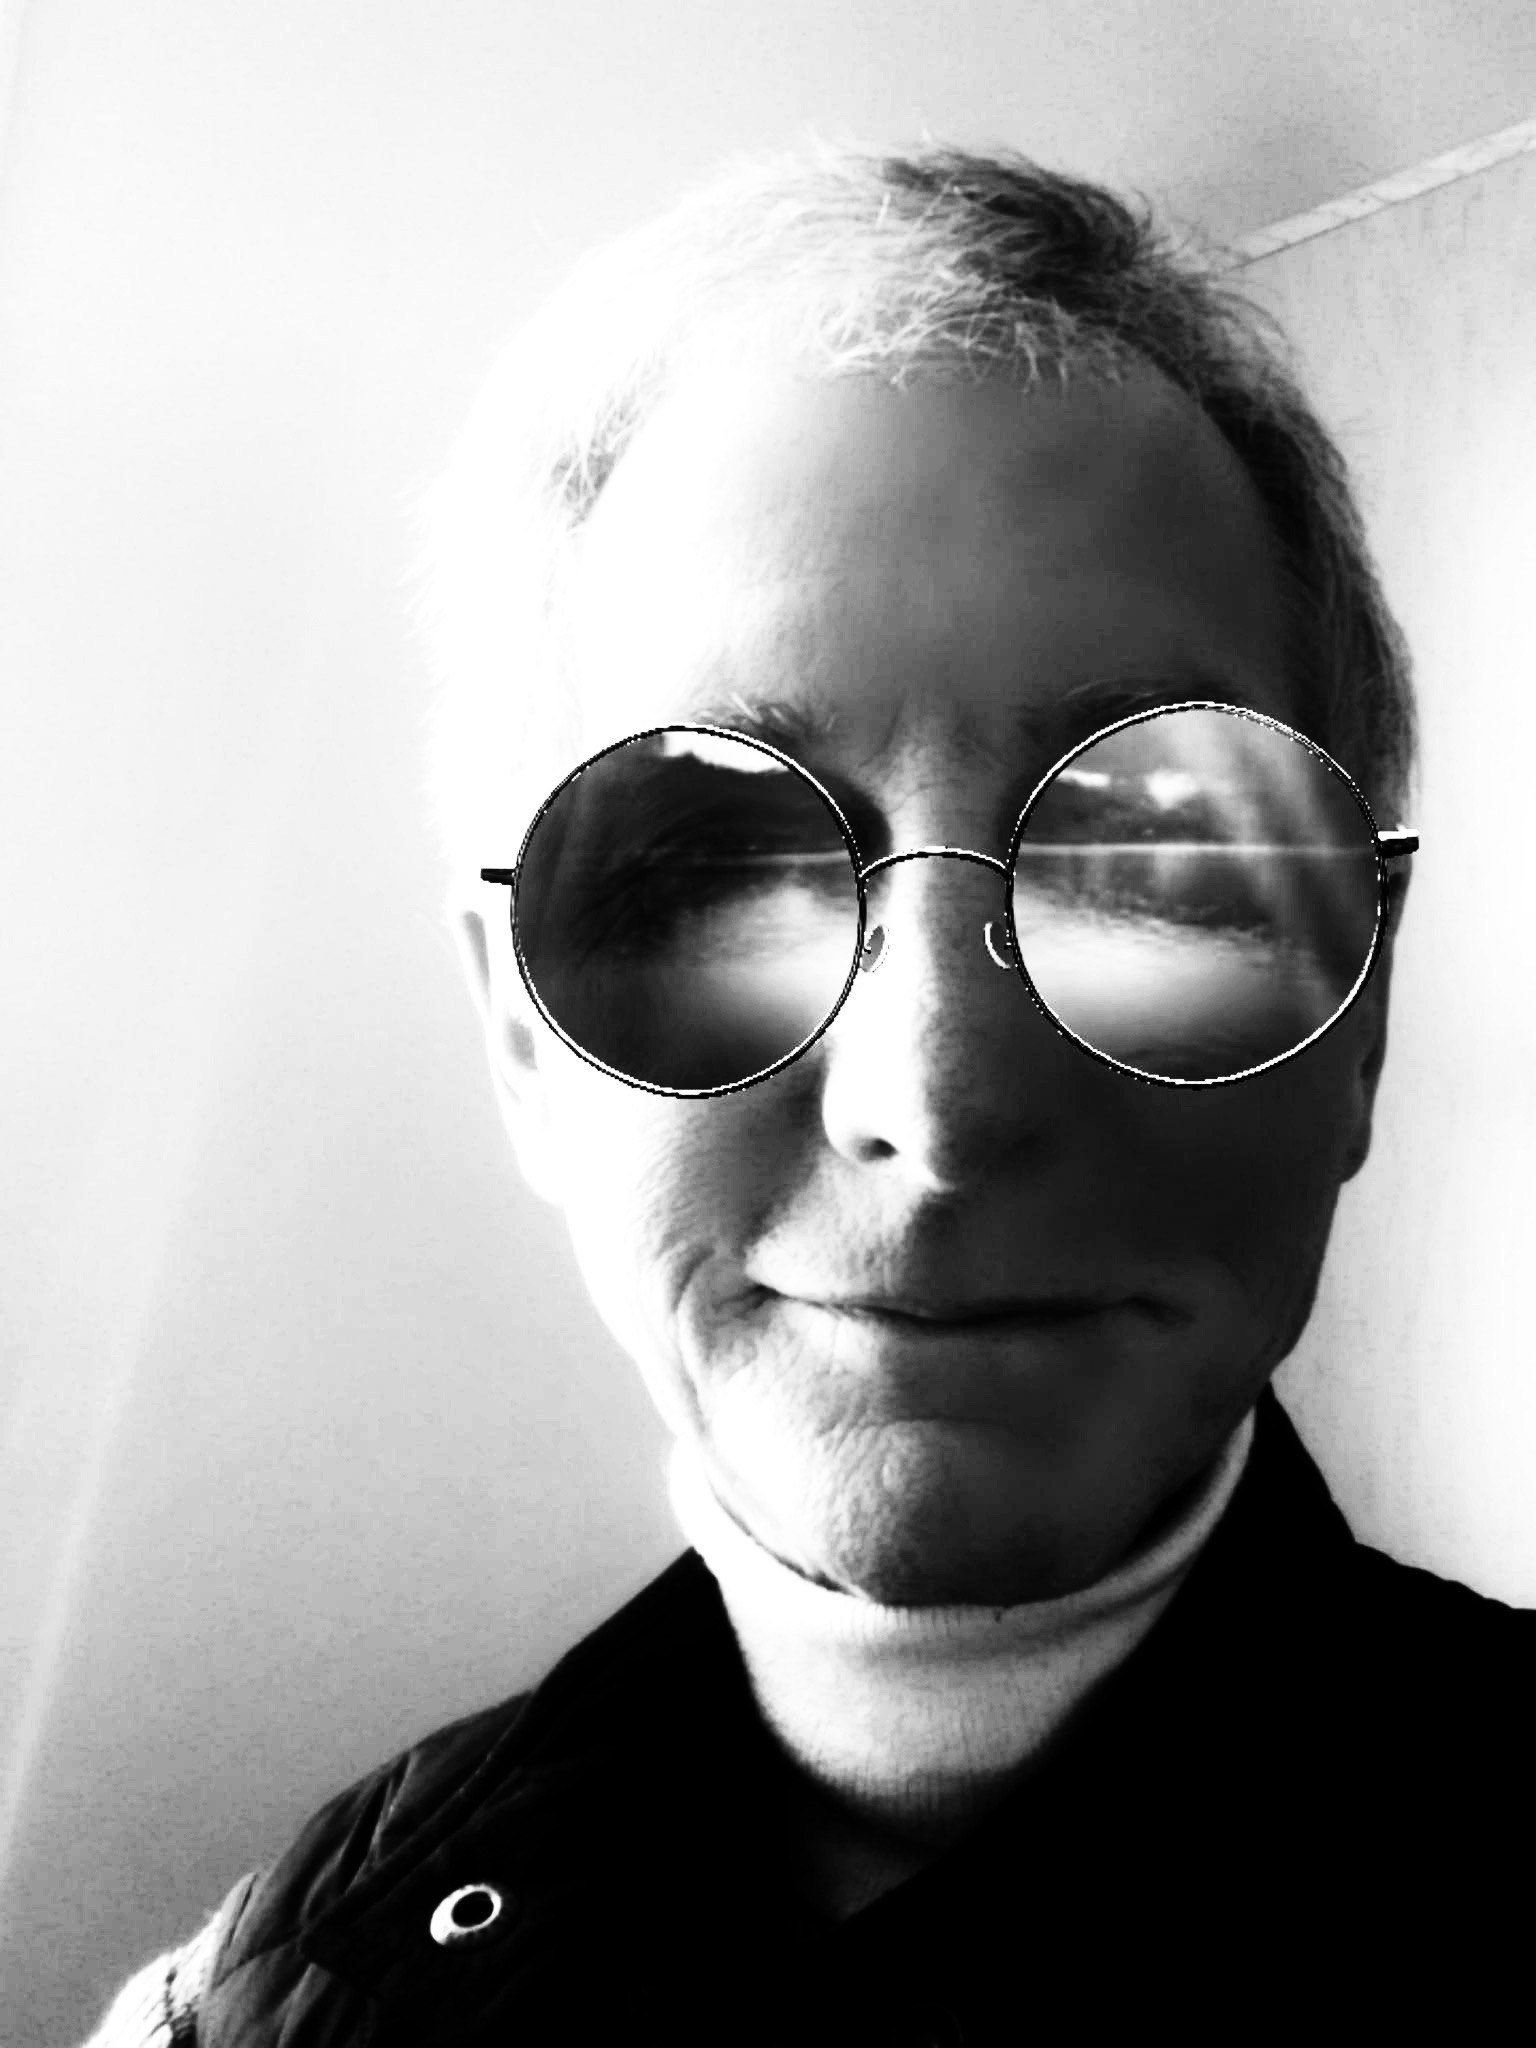 pmreagan2's avatar